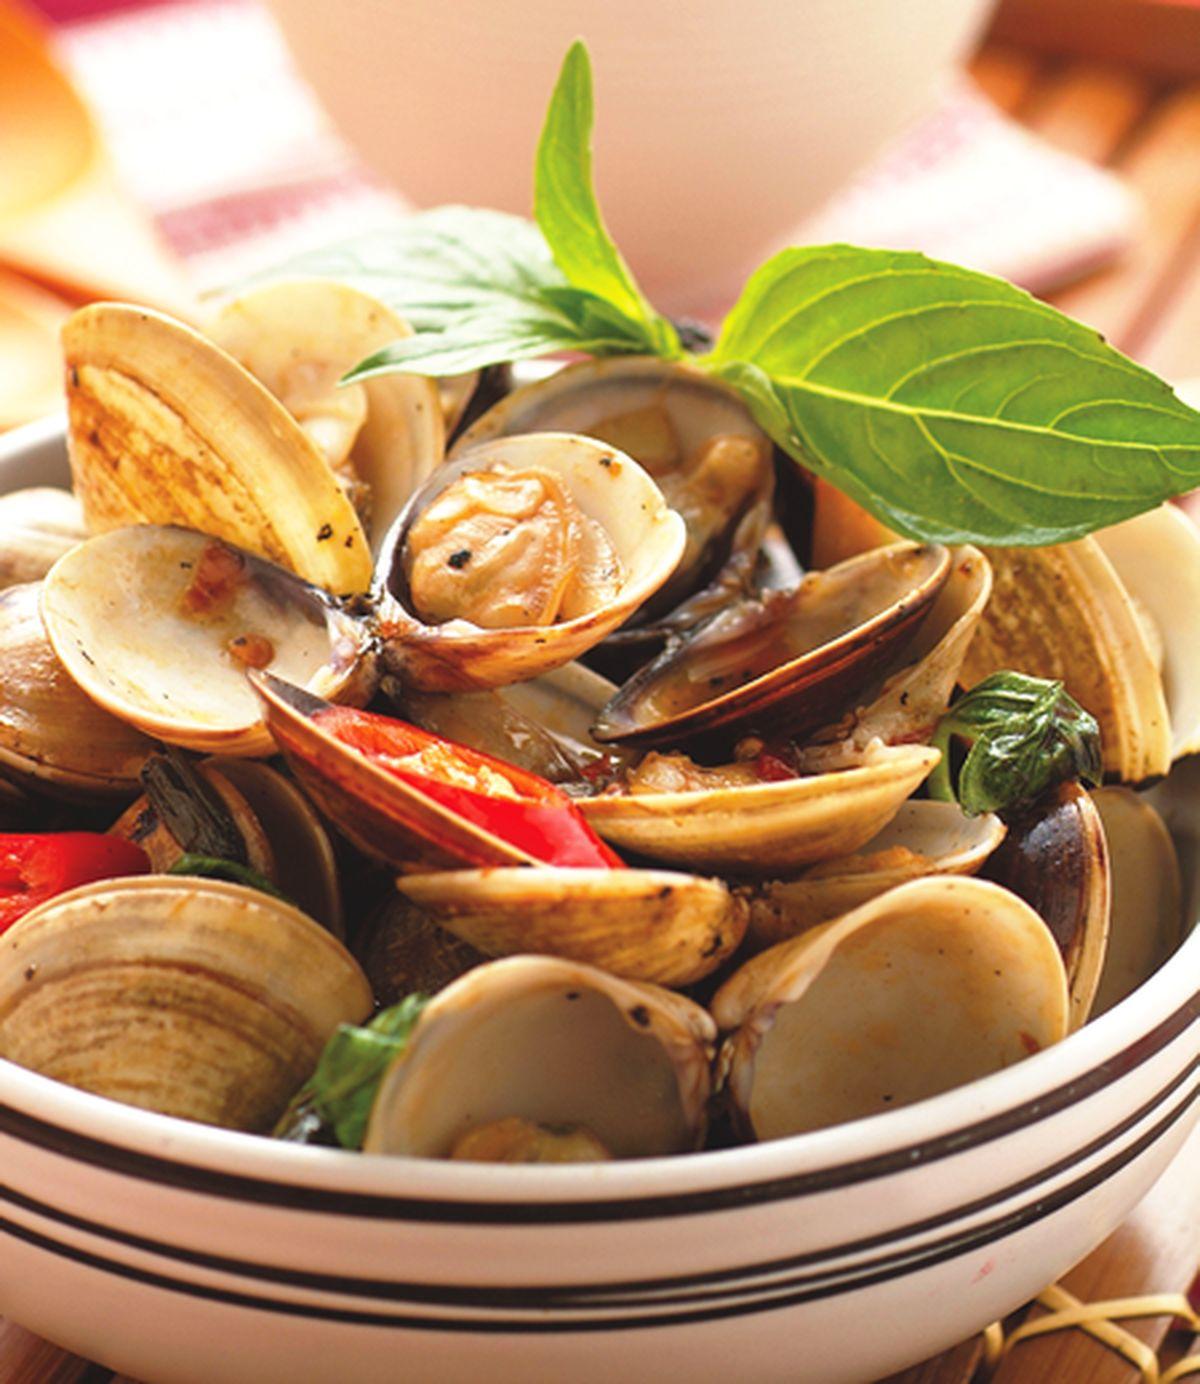 食譜:辣醬炒蛤蜊